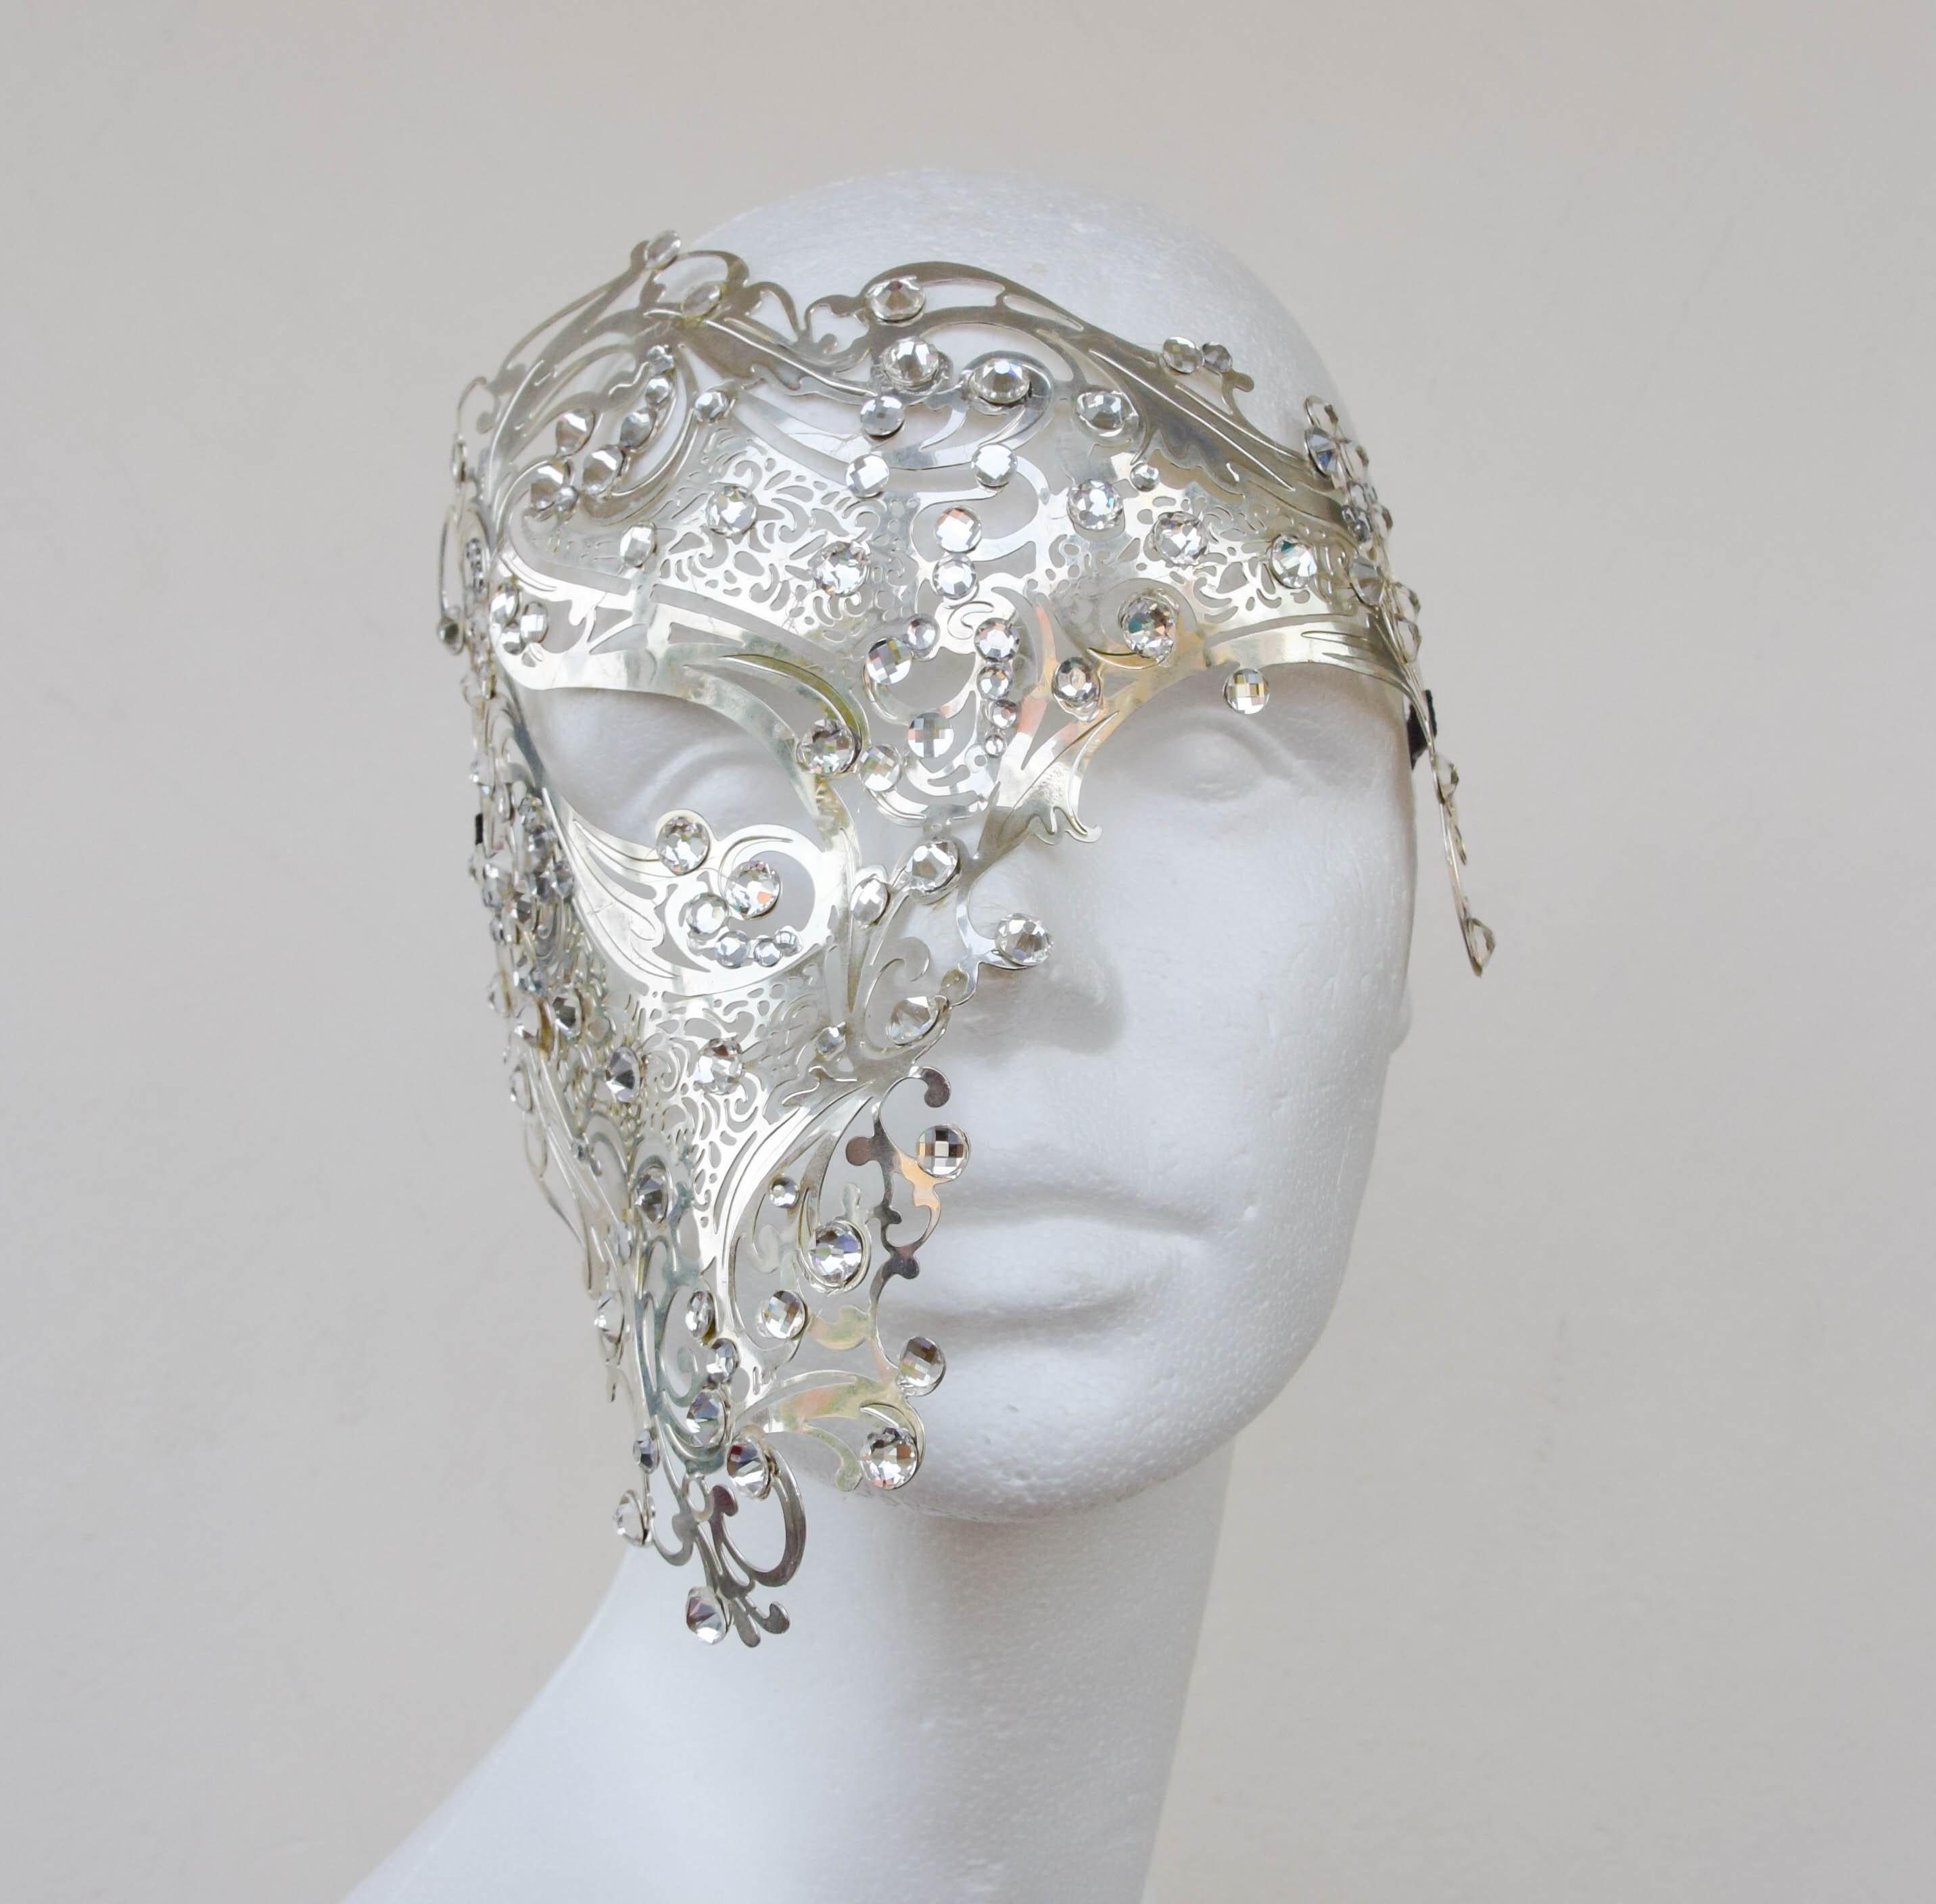 White Crystal Tiara Laser Cut Mask Masquerade Halloween Metal Filigree